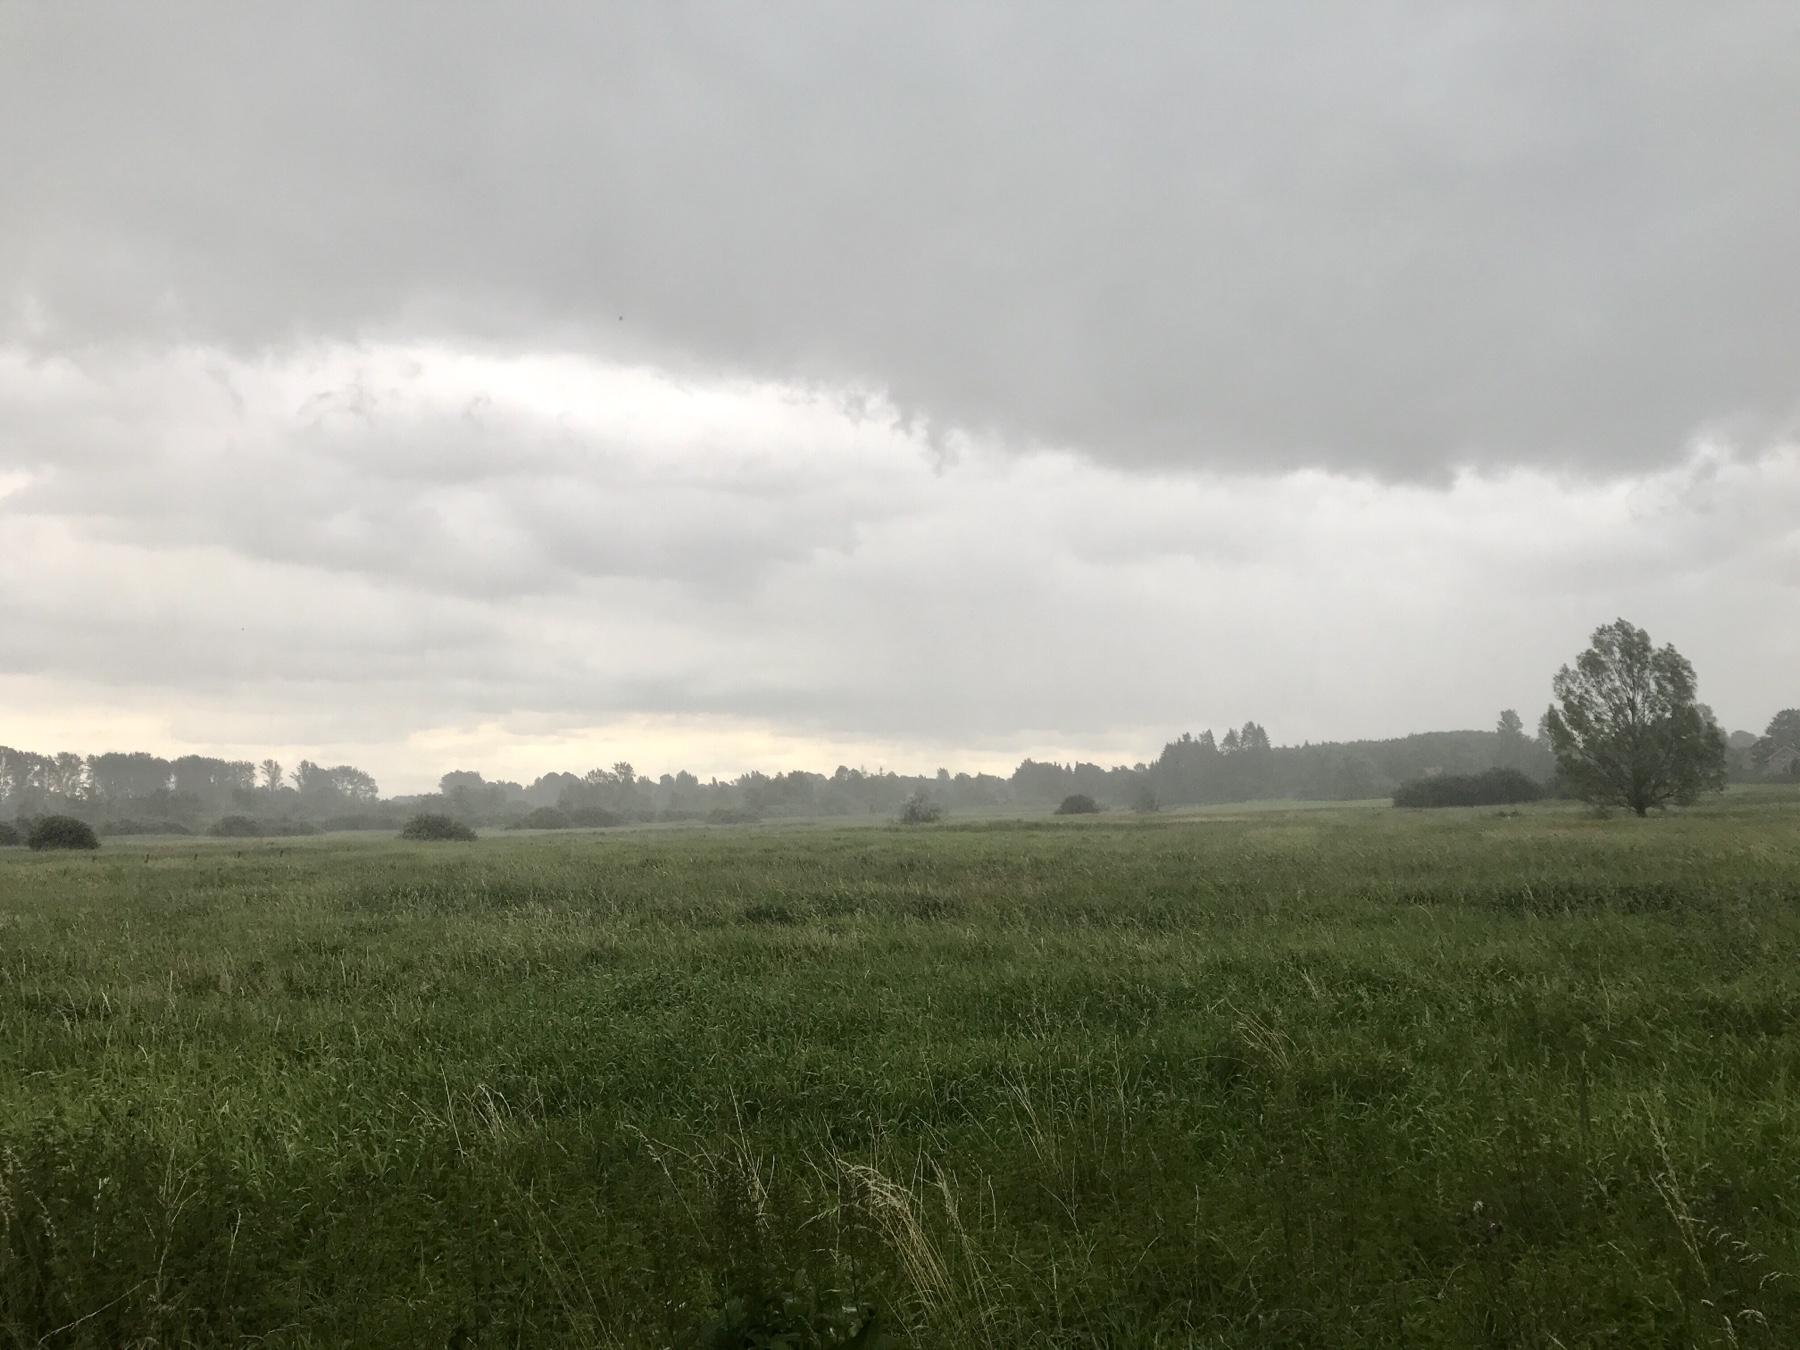 Regenwolken im Brenner Moor zwischen Kloster Nütschau und Bad Oldesloe